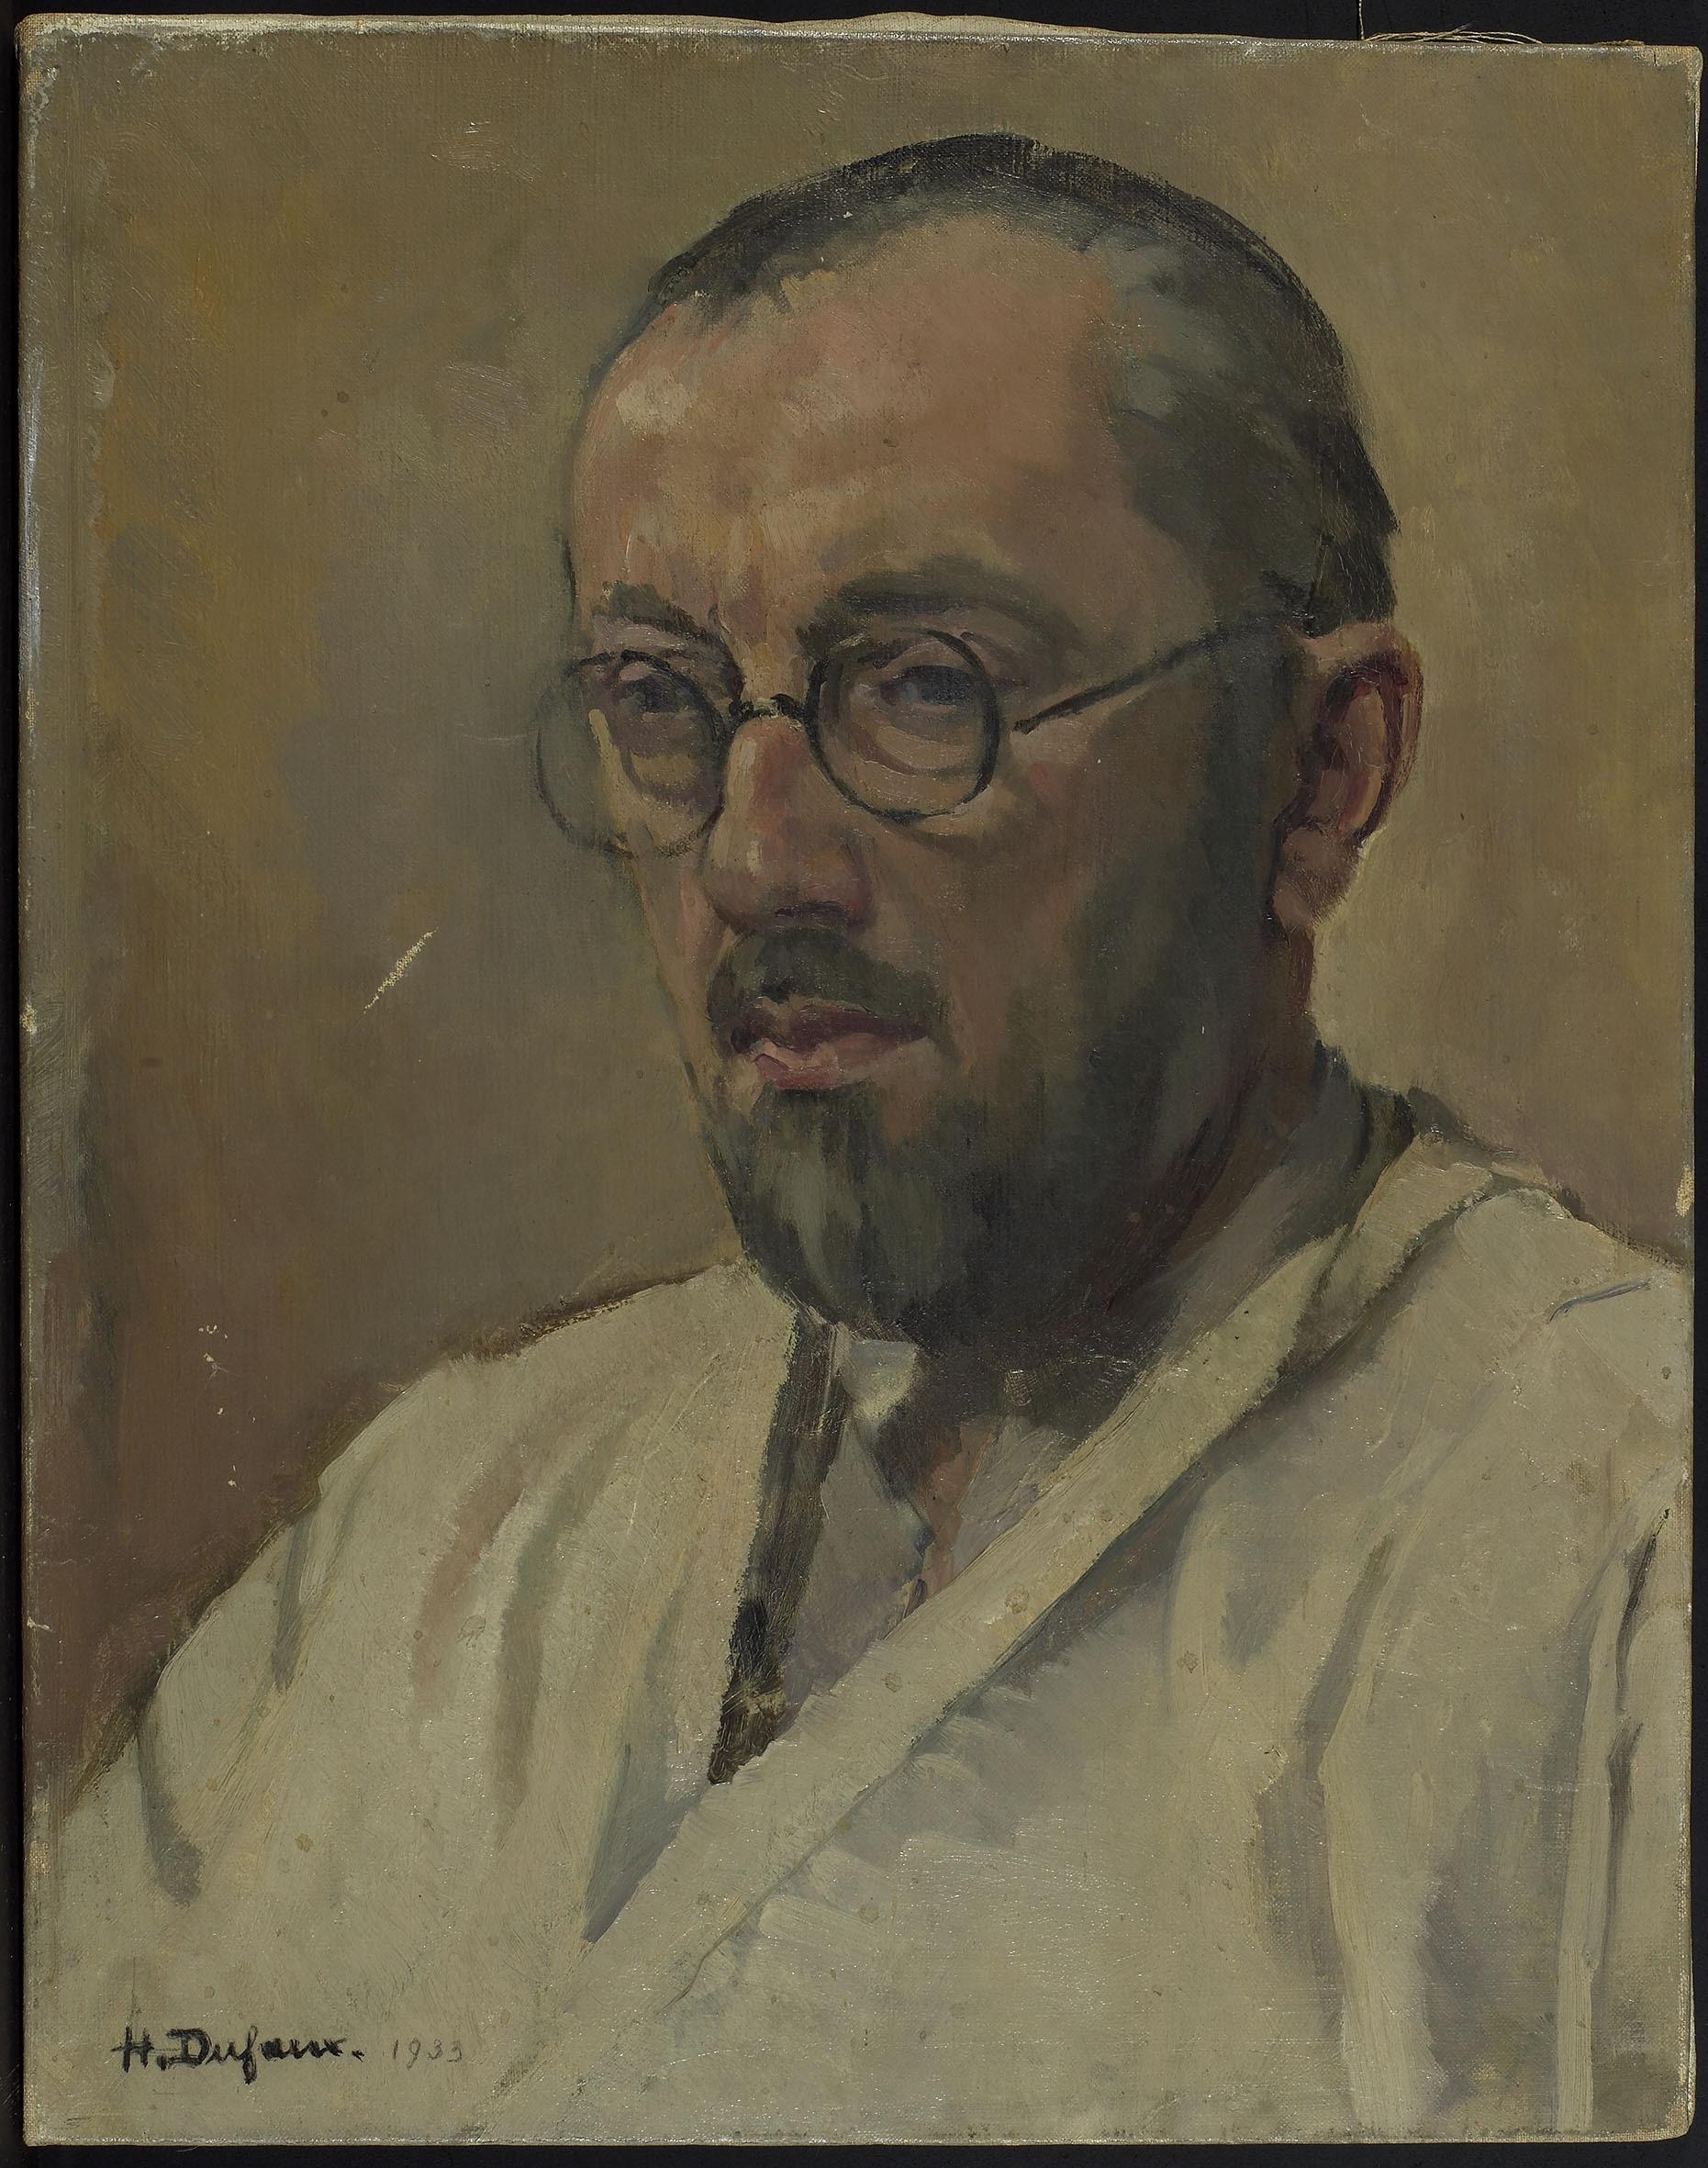 Portrait de Maurice Sarkissoff (1882-1946), professeur à l'Ecole des beaux-arts de Genève, sculpteur et peintre